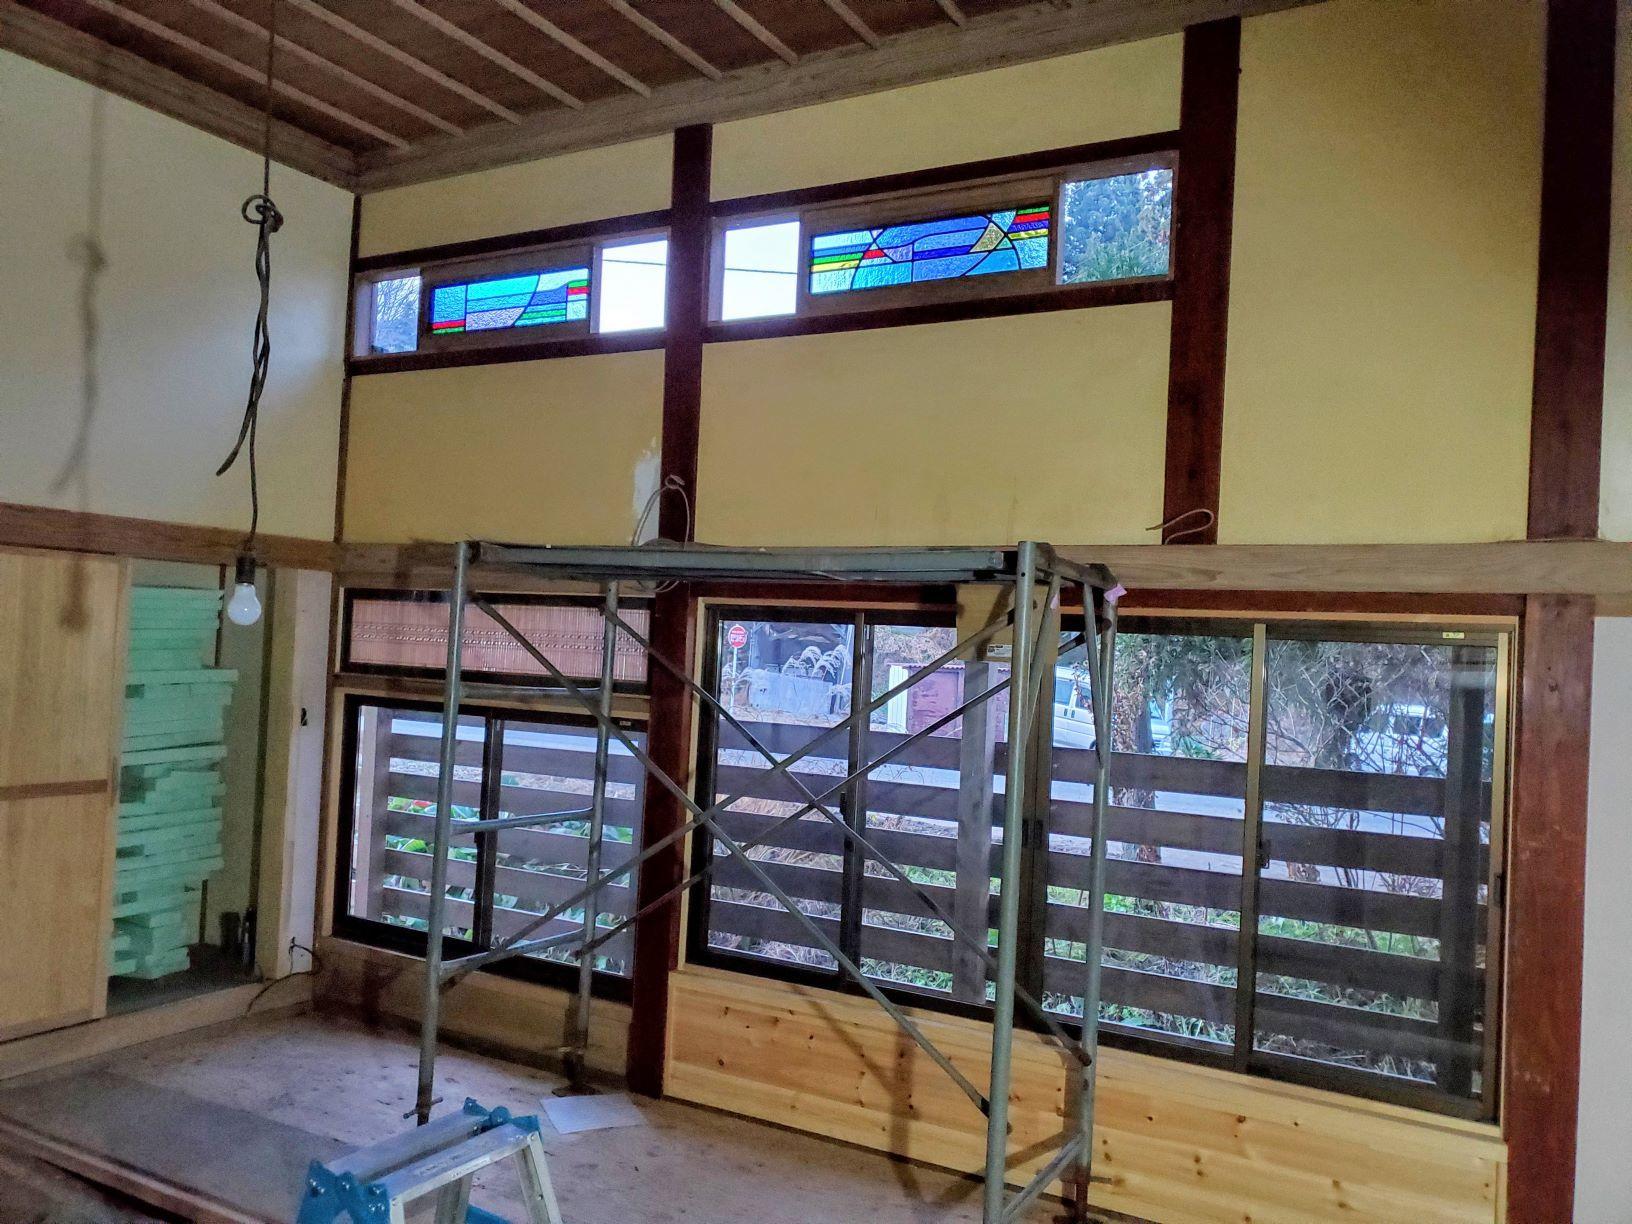 ステンドグラスと前庭の木々_b0304722_21375647.jpg